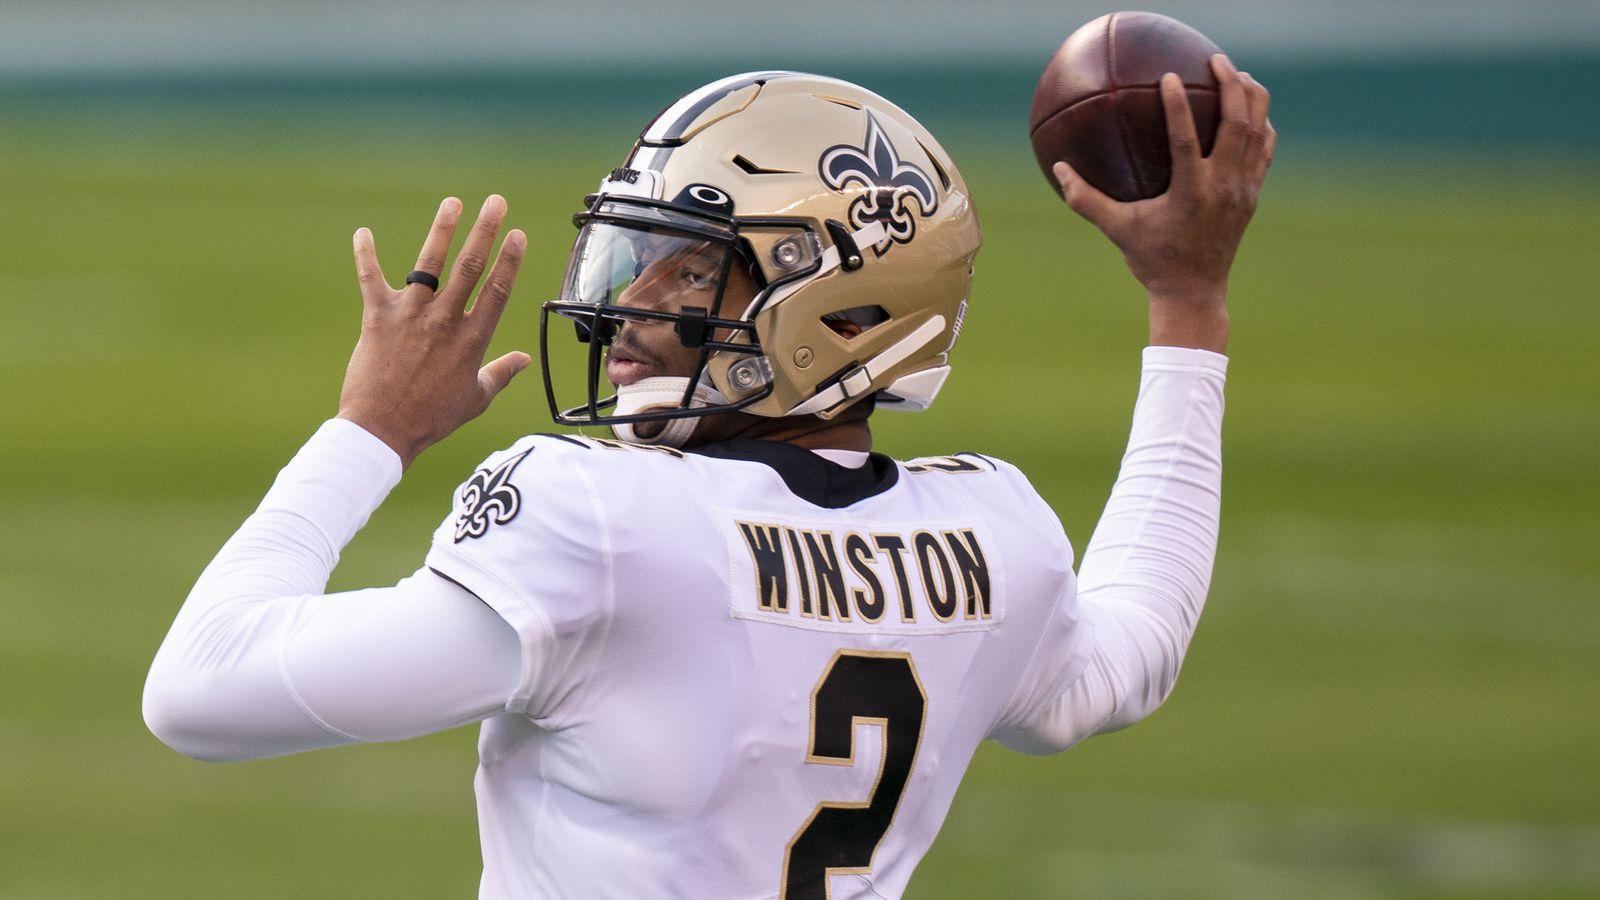 Saints' Jameis Winston placed on reserve/COVID-19 list